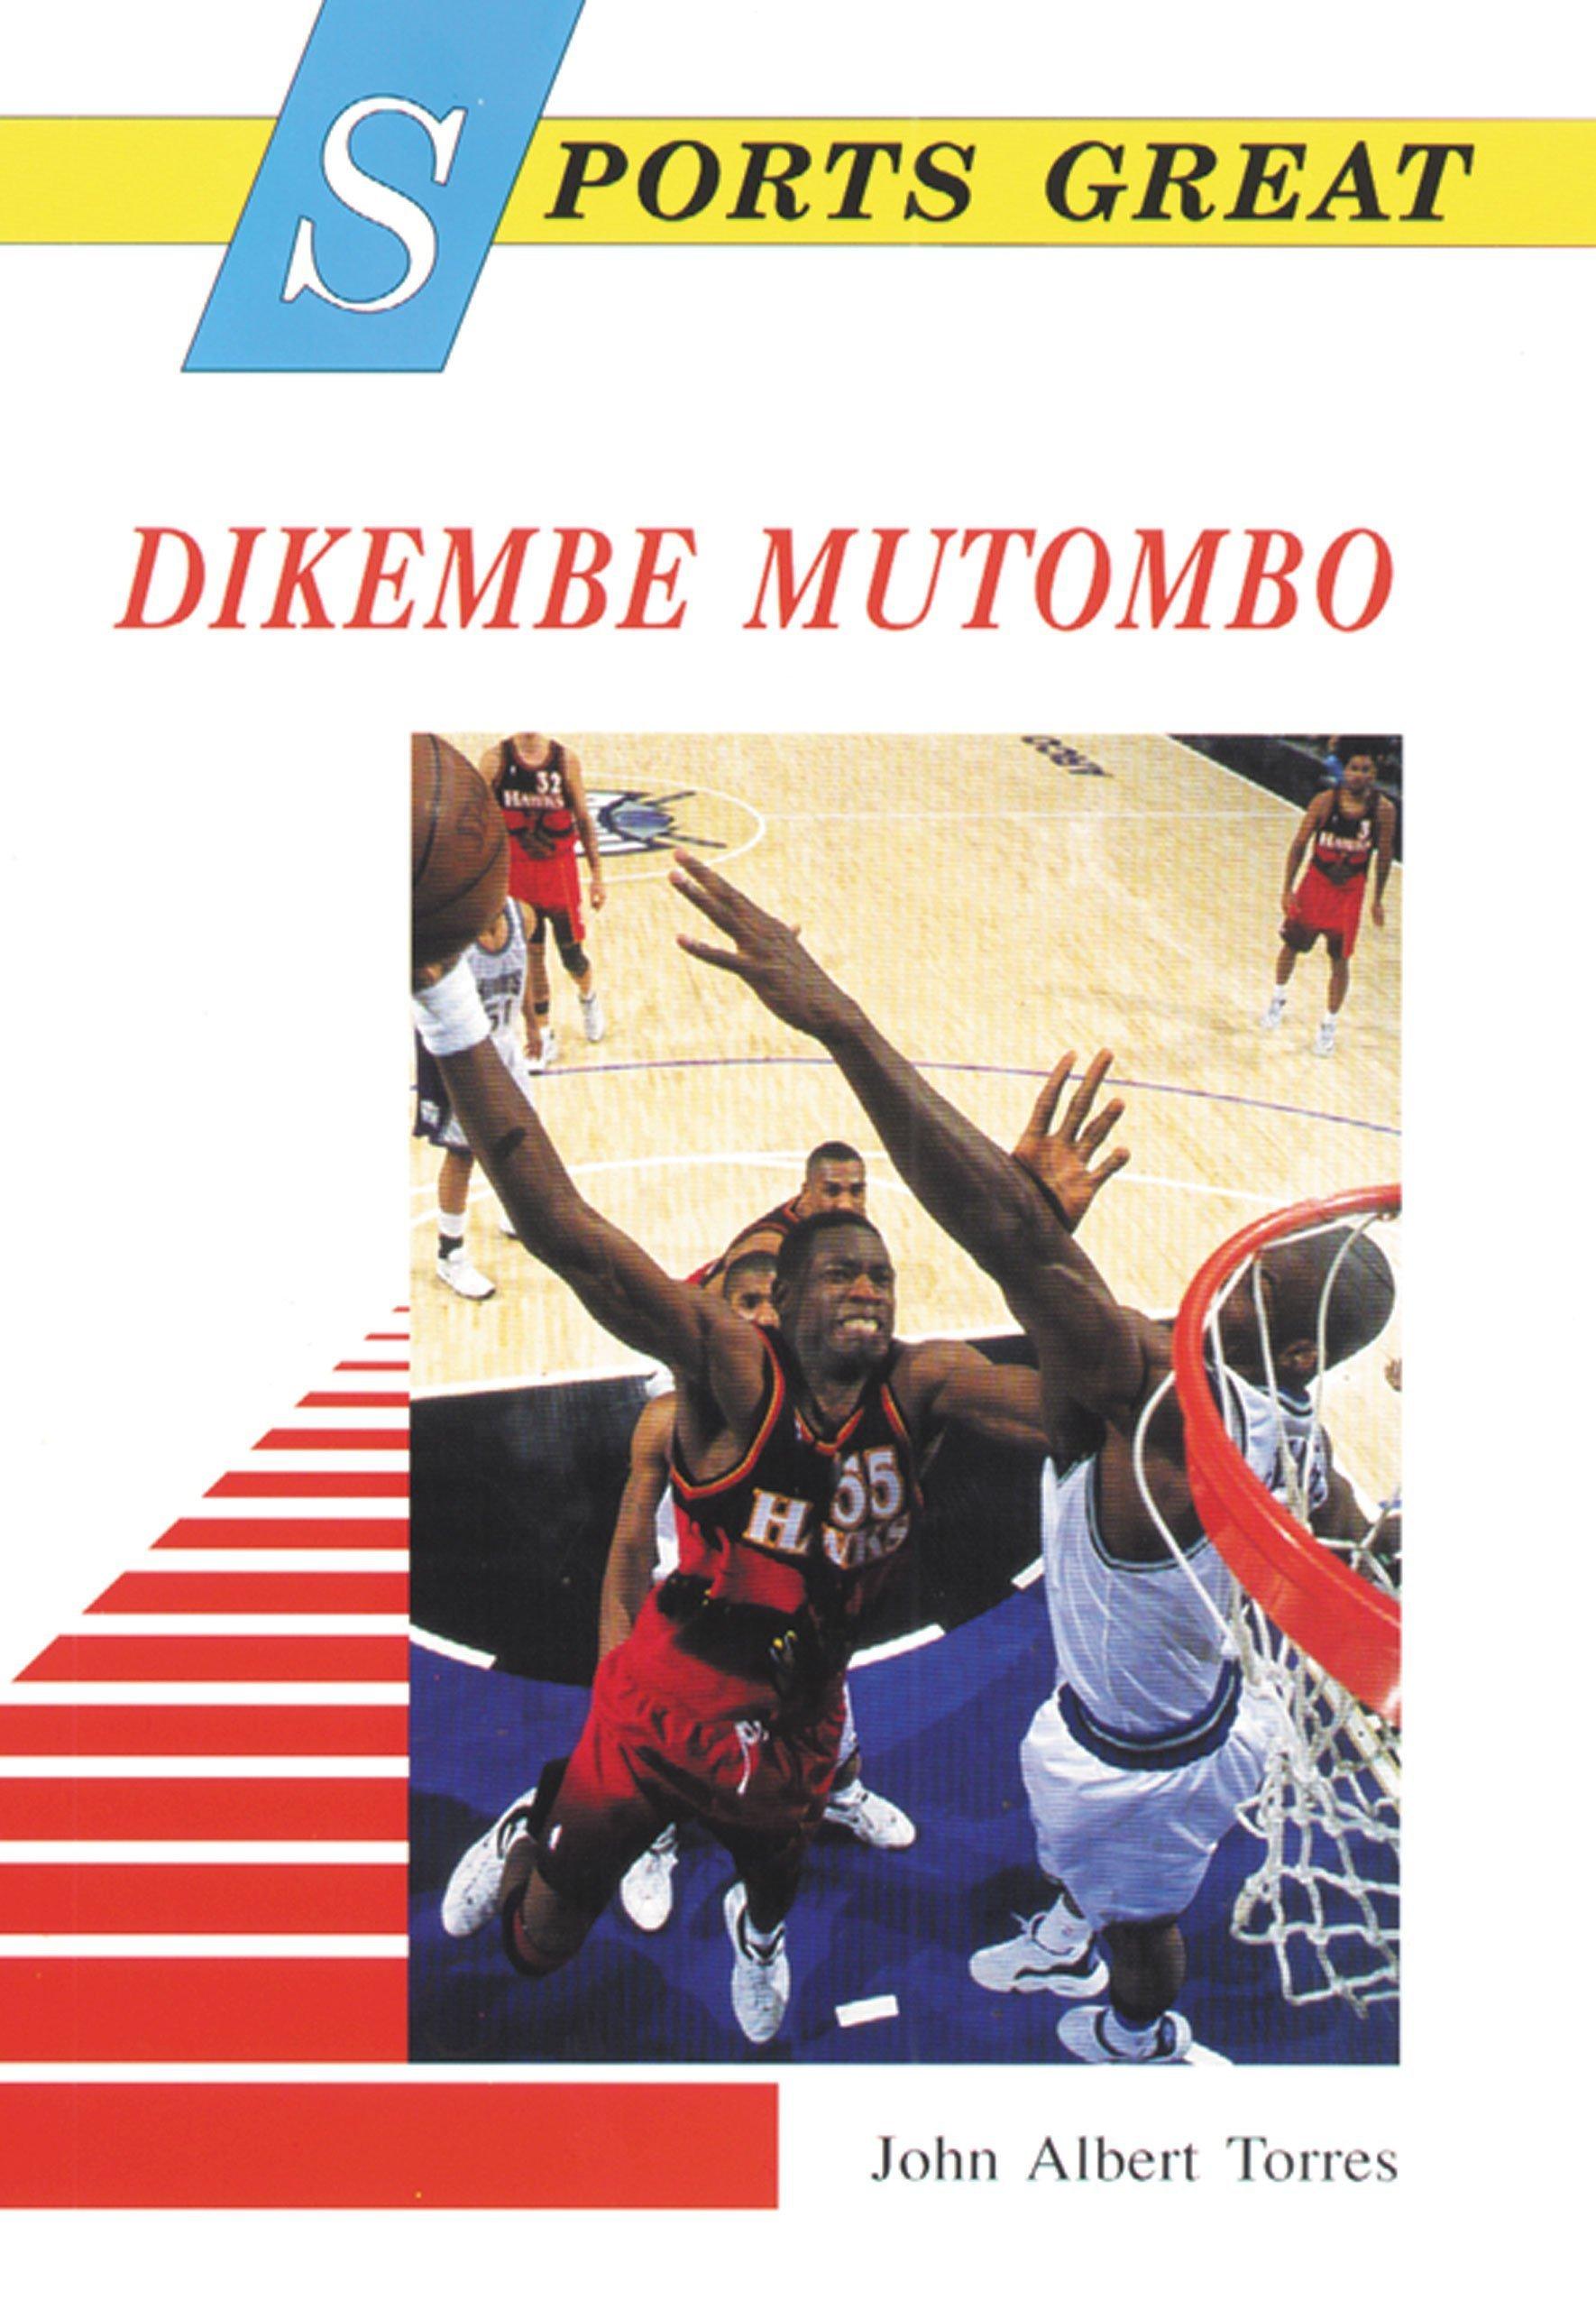 Sports Great Dikembe Mutombo (Sports Great Books)